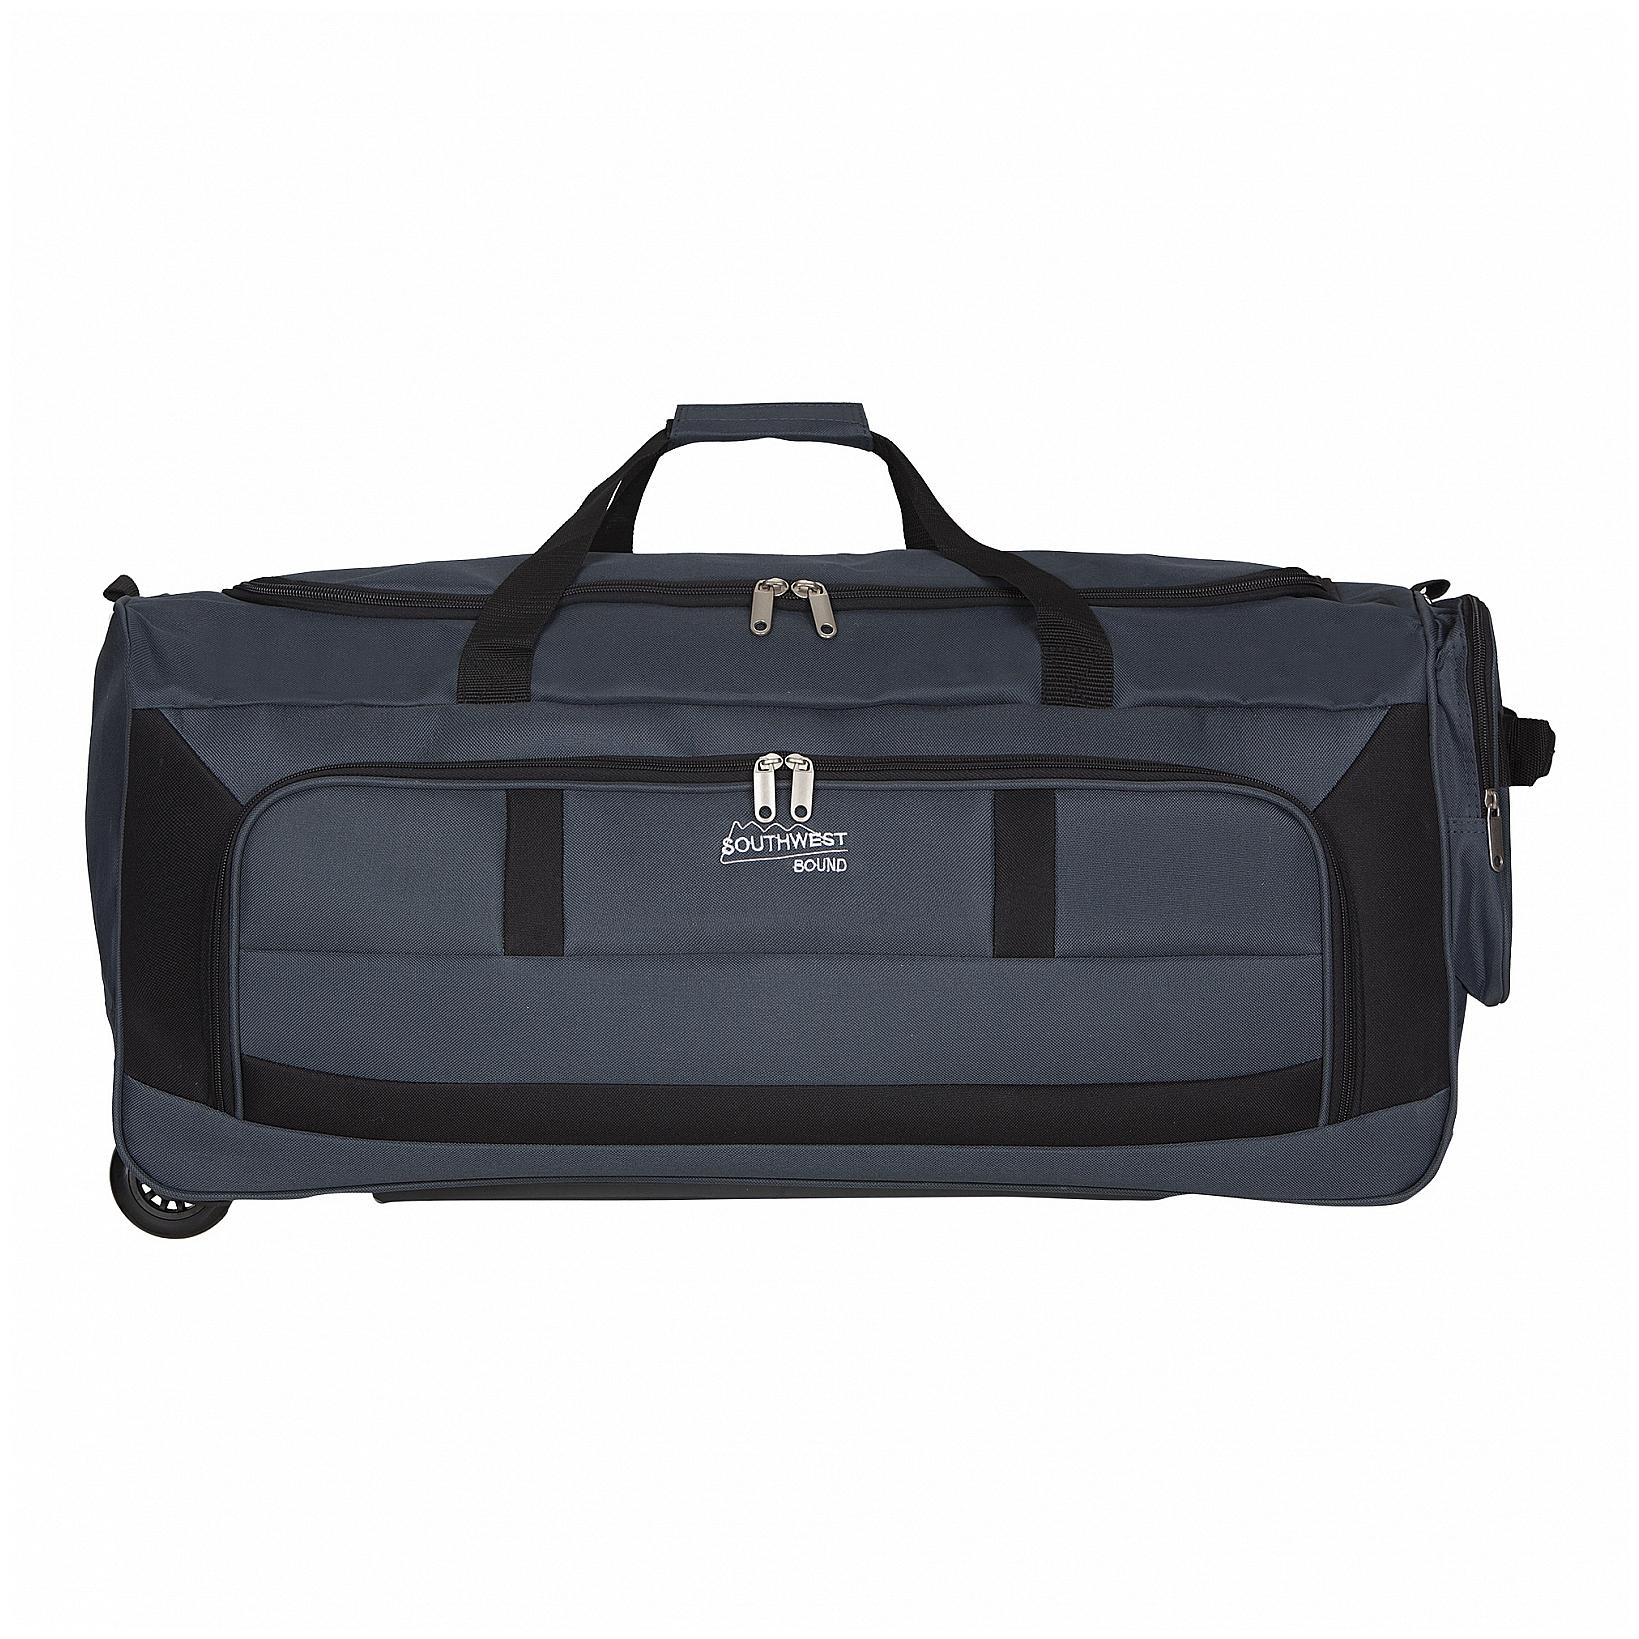 Southwest Cestovní taška na kolečkách 30180-4901 modrá